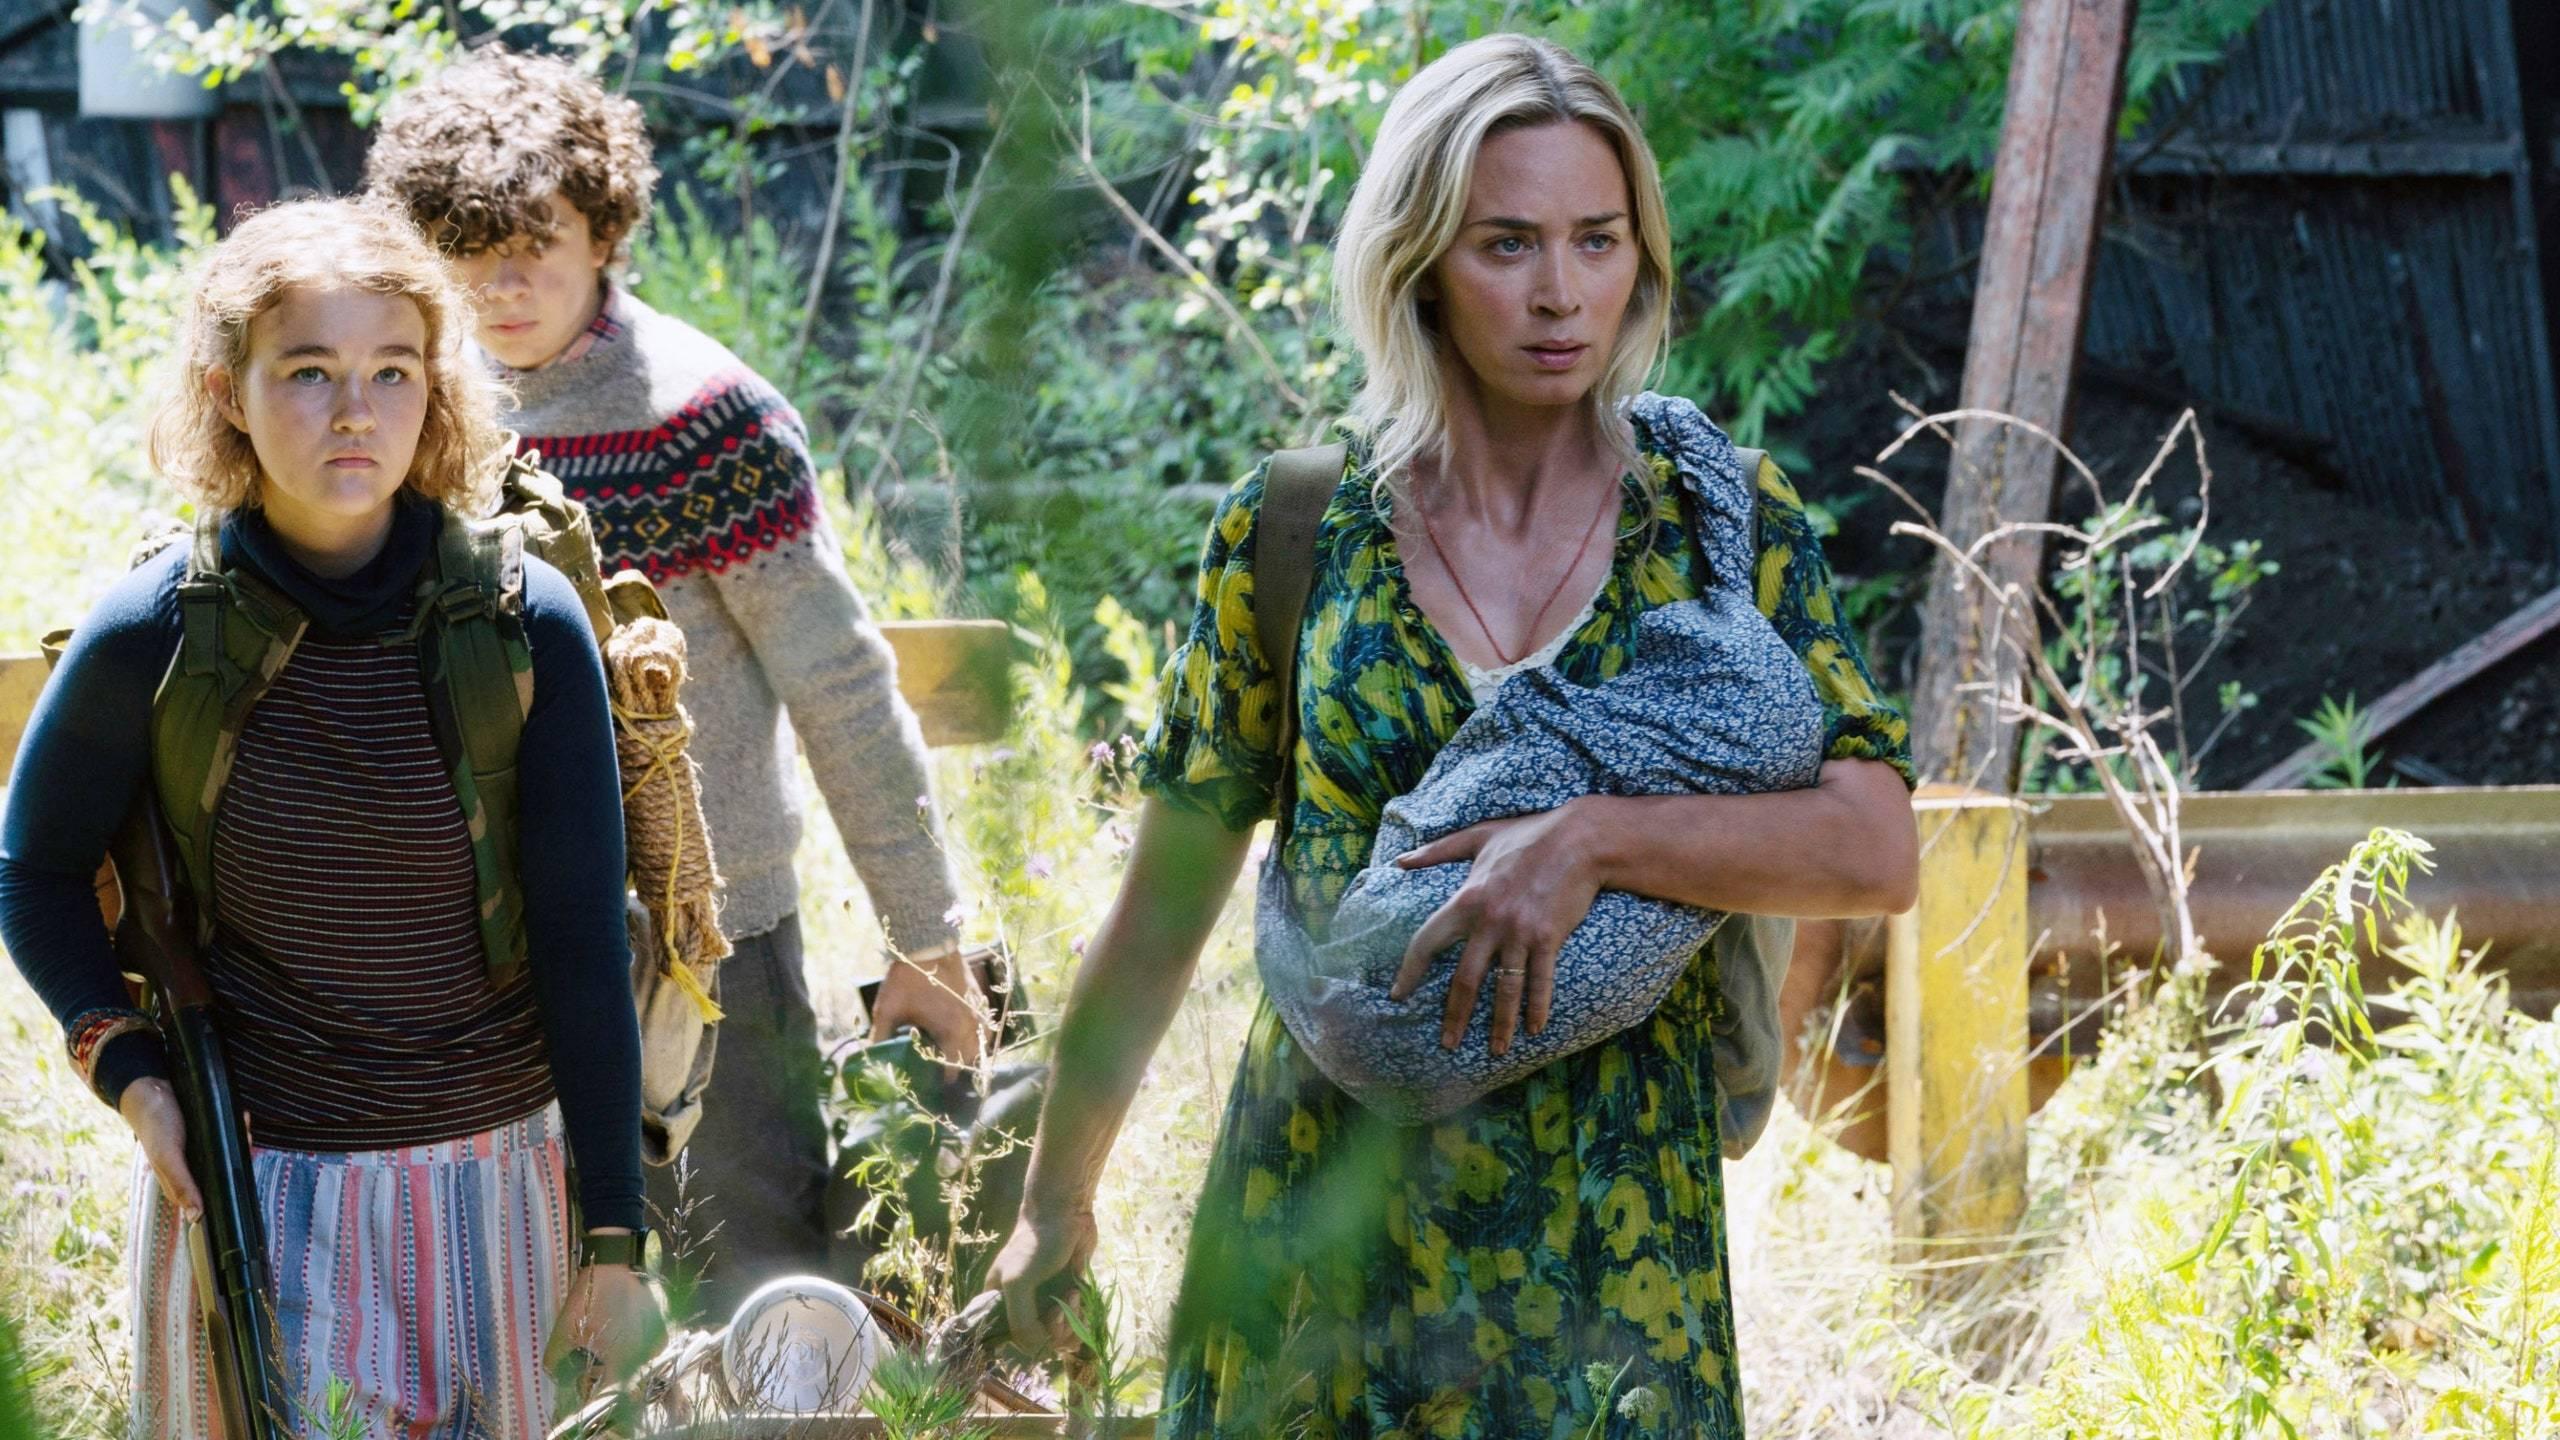 'Vùng đất câm lặng 2' tung trailer gay cấn, ấn định ngày khởi chiếu